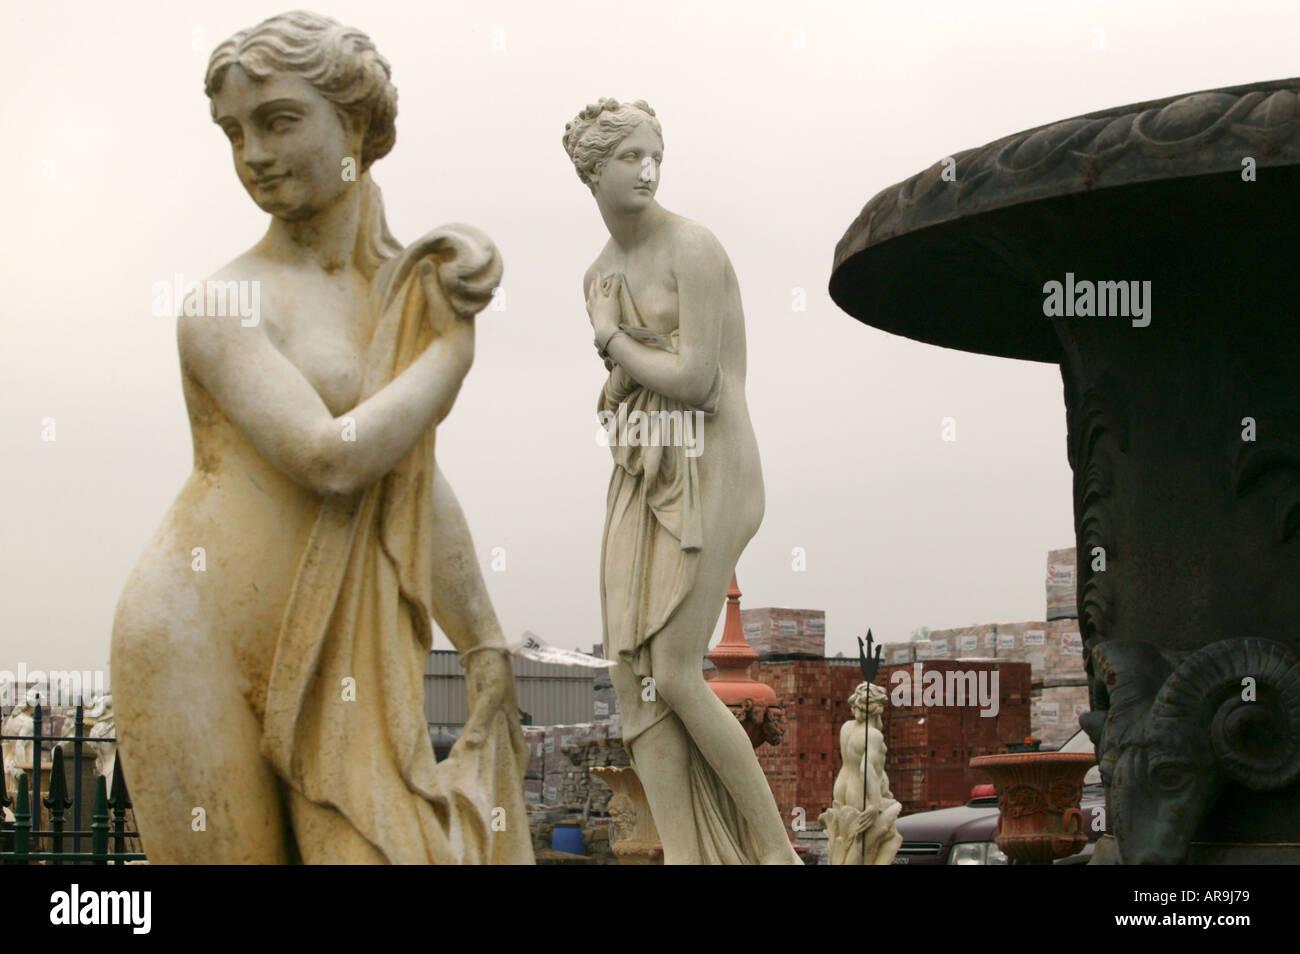 Statue di balneazione onorevoli a Solopark costruzione Cantiere forniture, Cambridgeshire, Regno Unito Immagini Stock